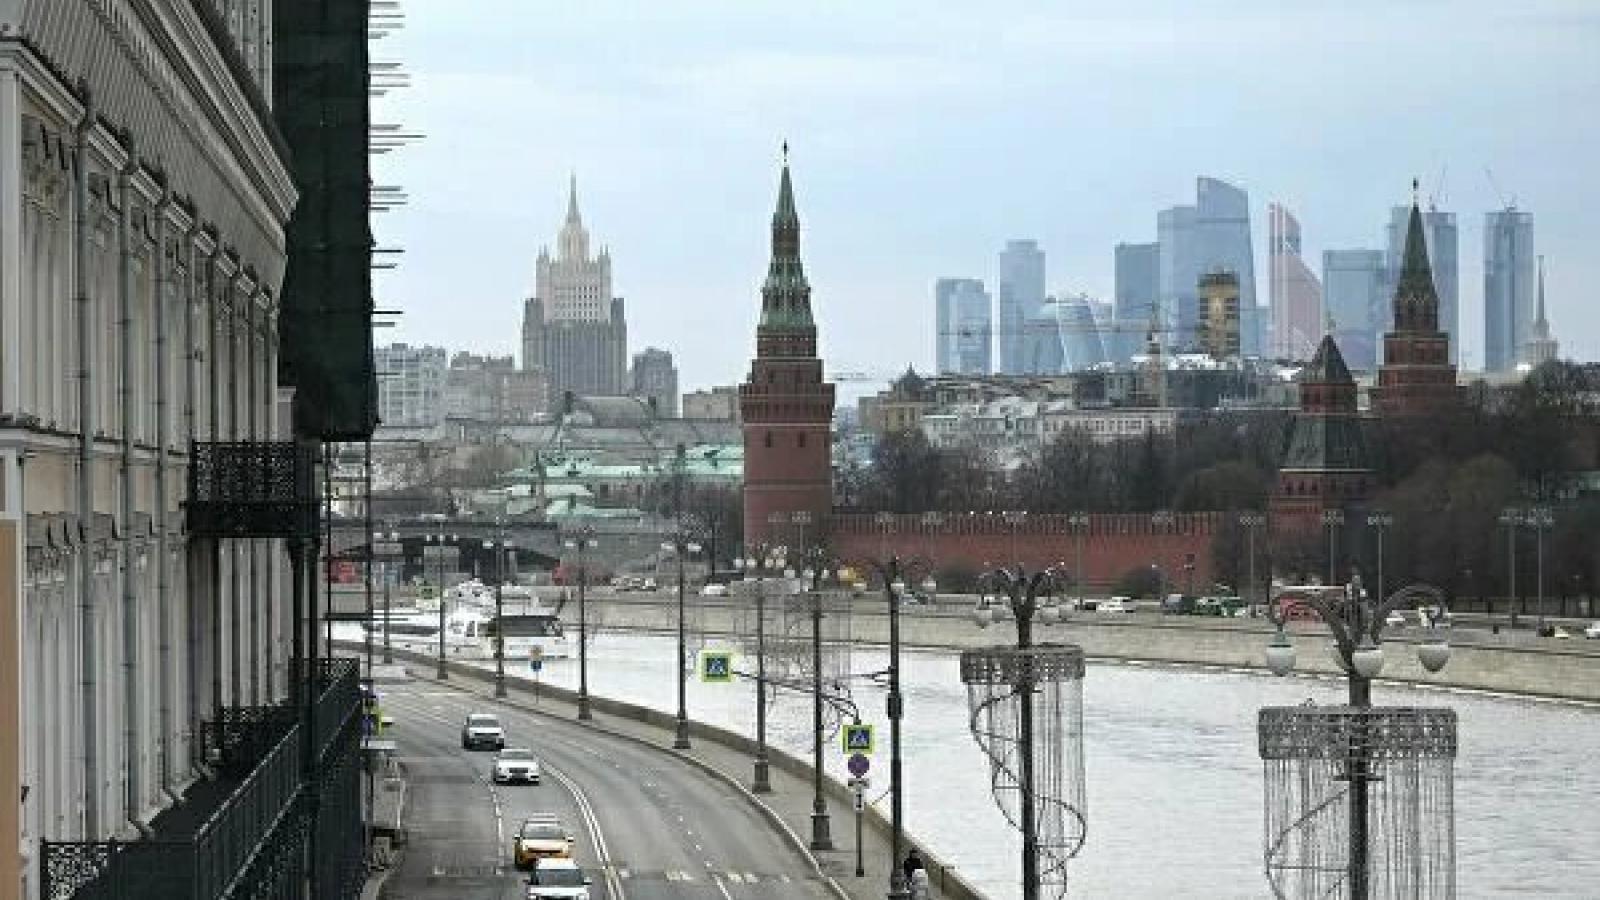 Nga sẵn sàng cho các tình huống xấu nhất trong quan hệ với Mỹ